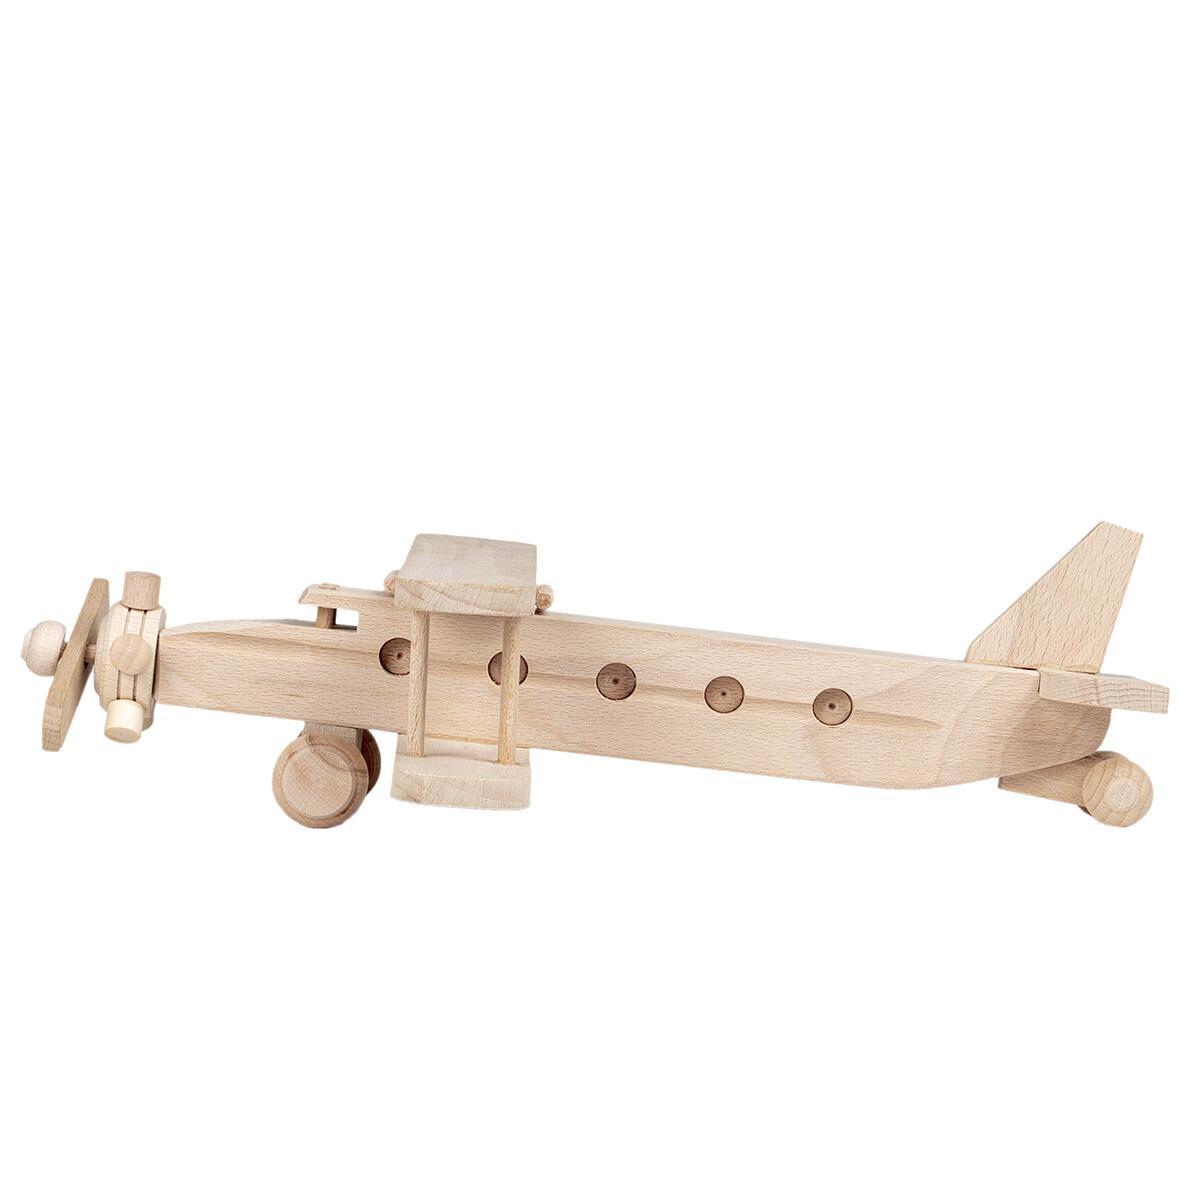 Holzspielzeug flugzeug hubschrauber aus holz spielzeug